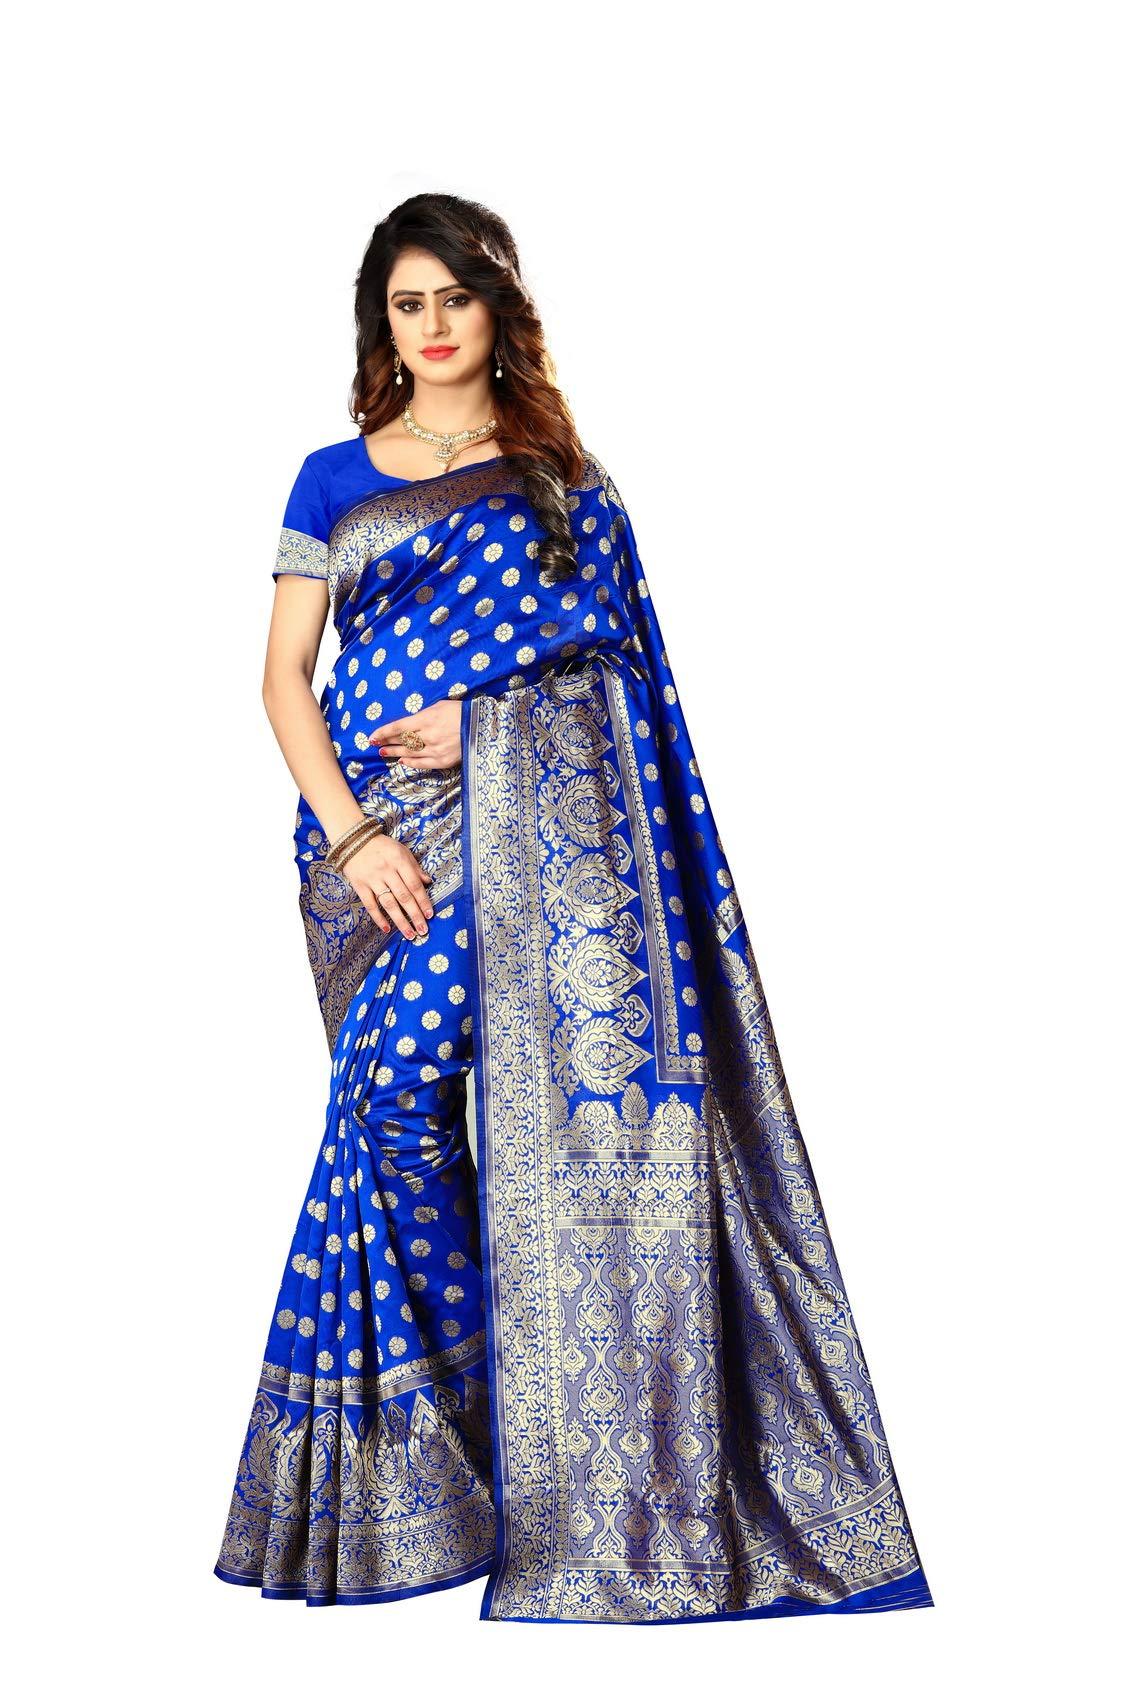 Women's Banarasi Silk Saree Indian Wedding Ethnic Sari & Unstitch Blouse Piece PARI 22 (Royal Blue)